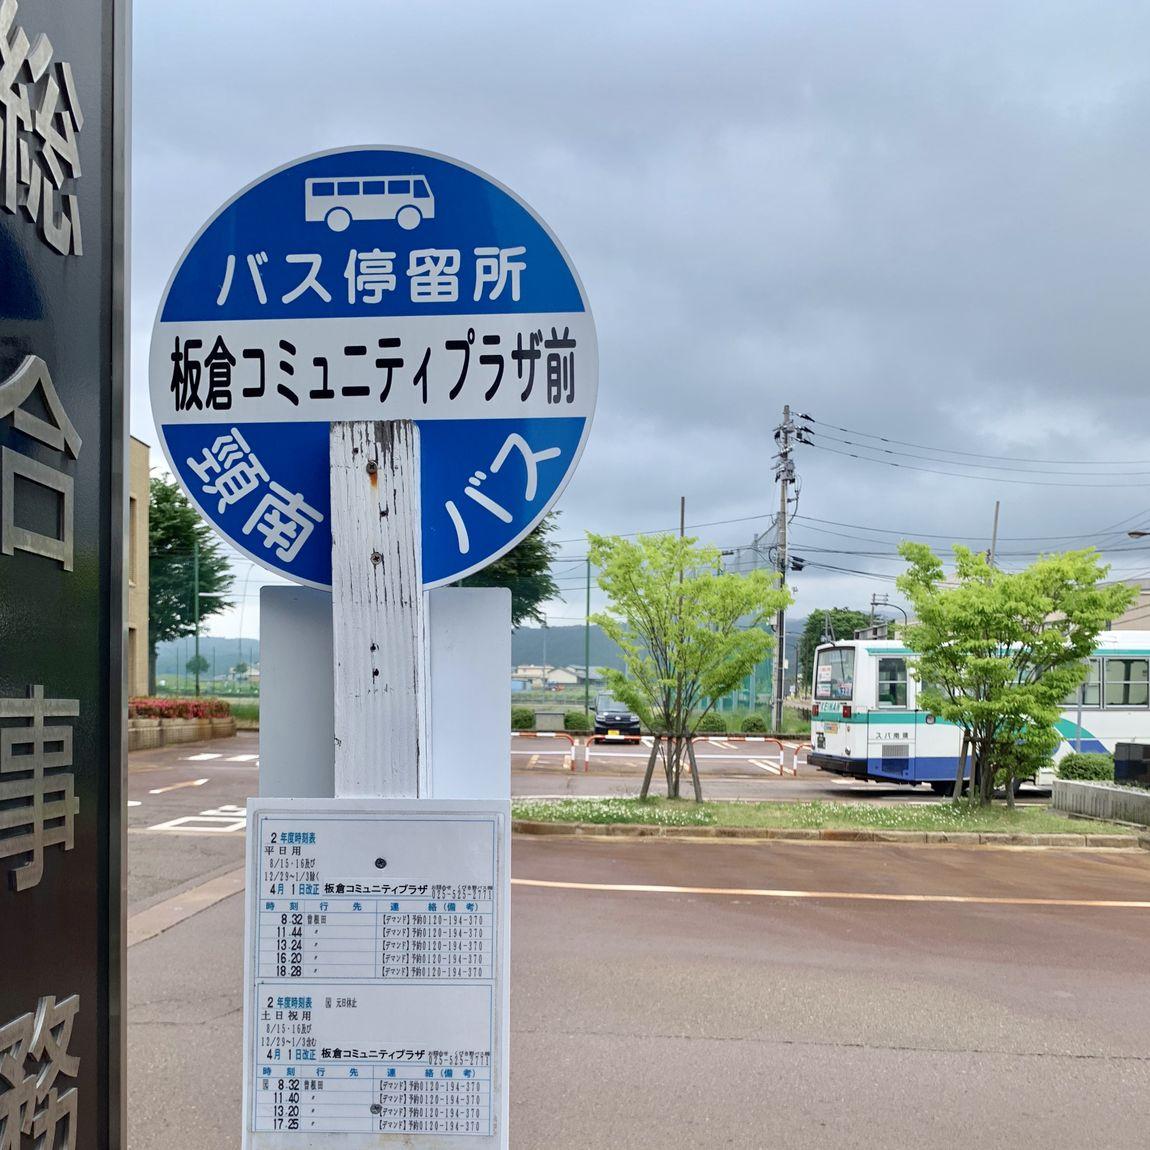 板倉コミュニティプラザ前のバス停